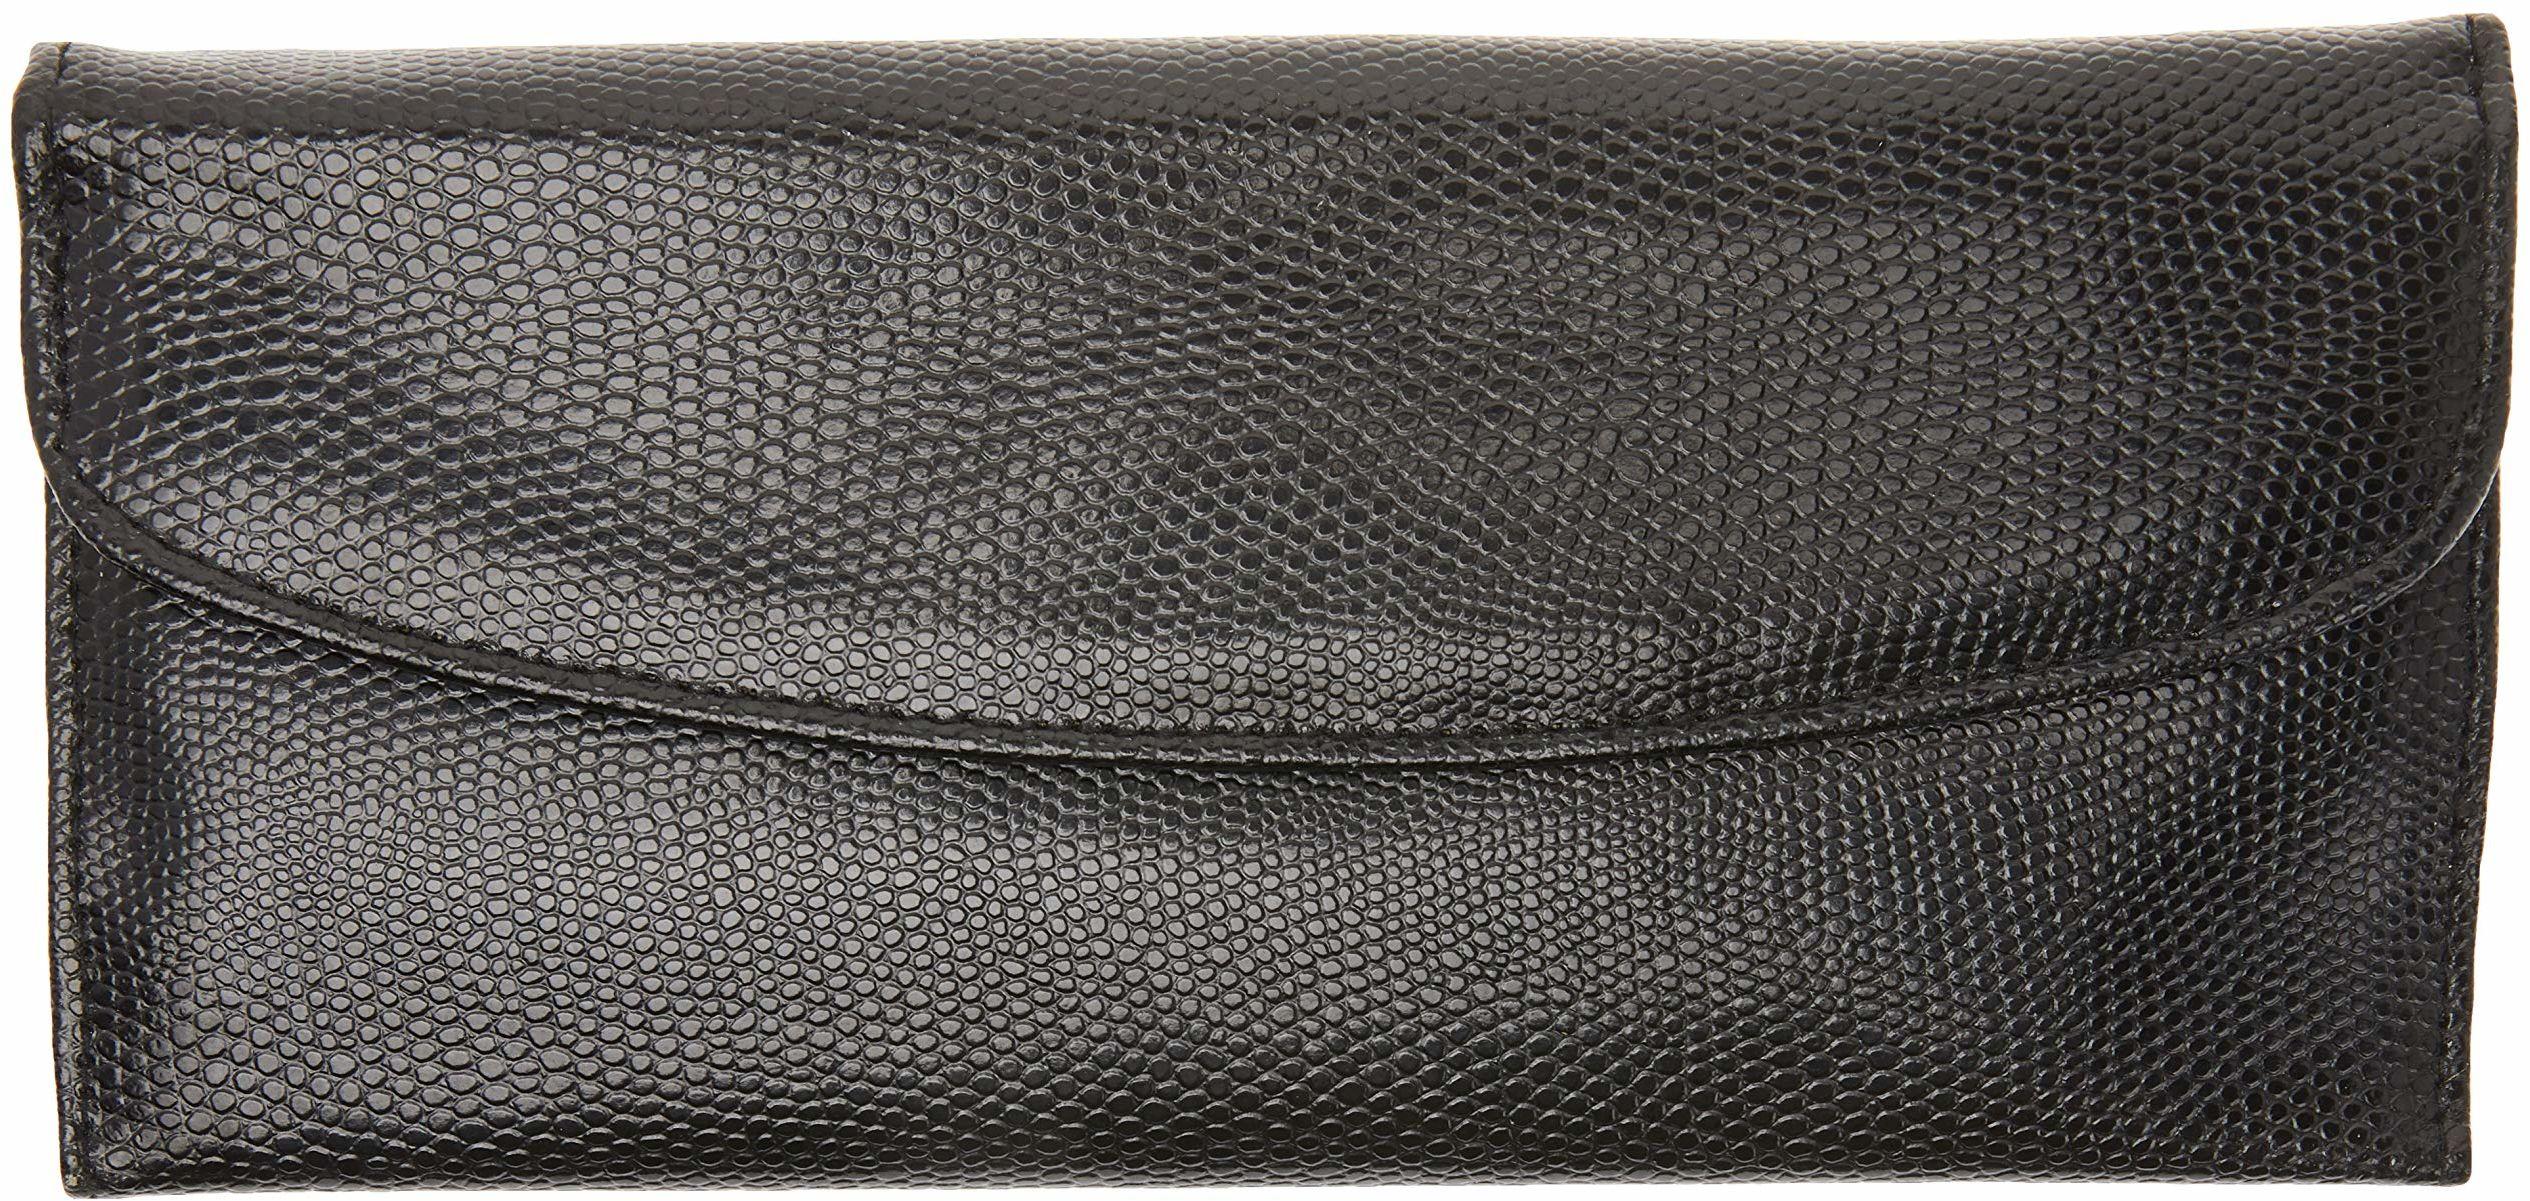 Better & Best 1451084 szkatułka na biżuterię portfel, duża, czarna